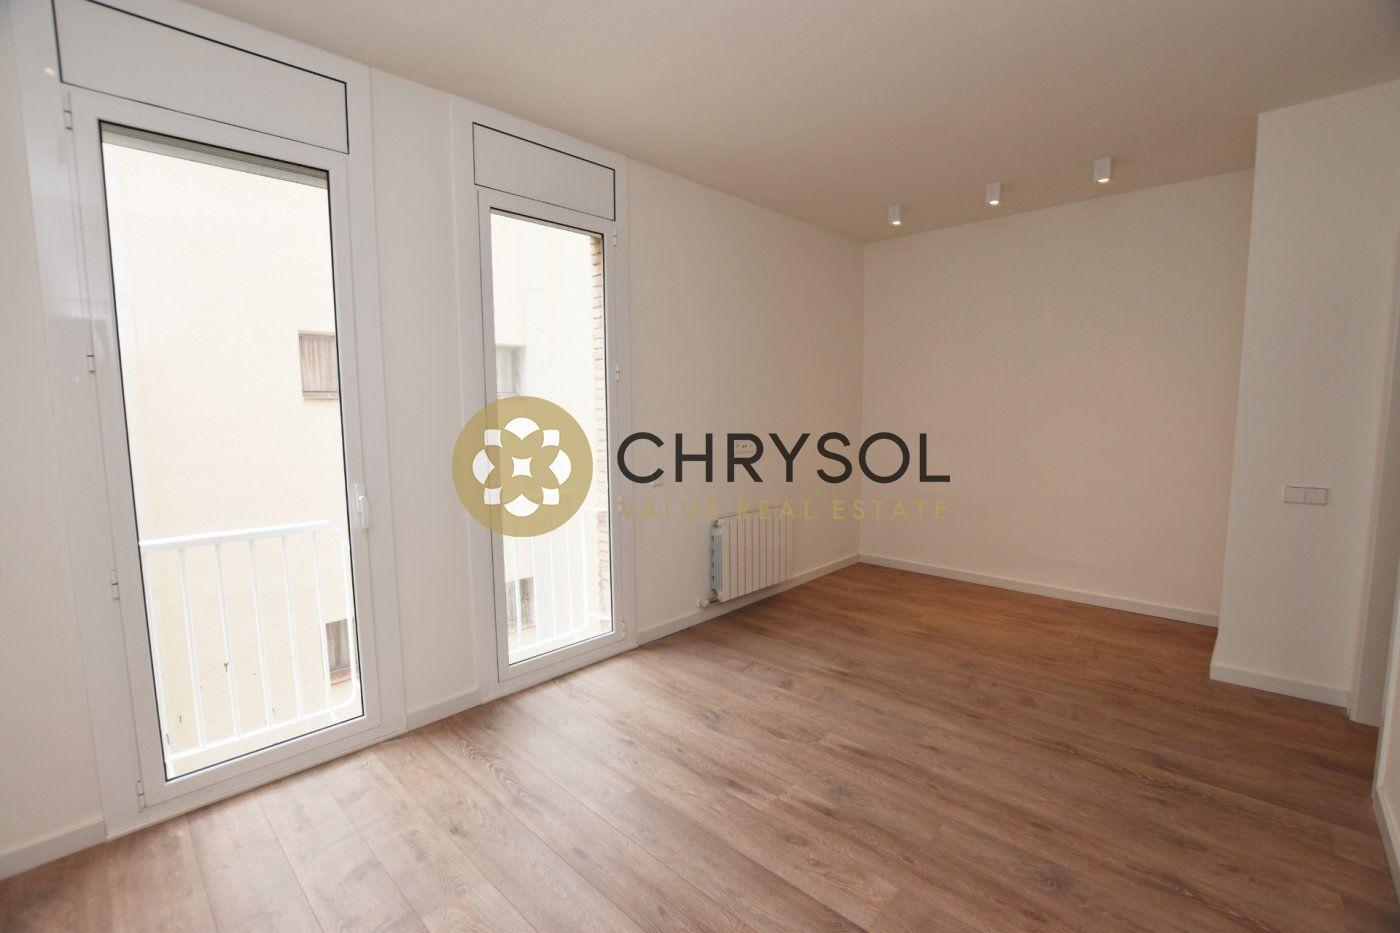 Fotogalería - 6 - Chrysol Value